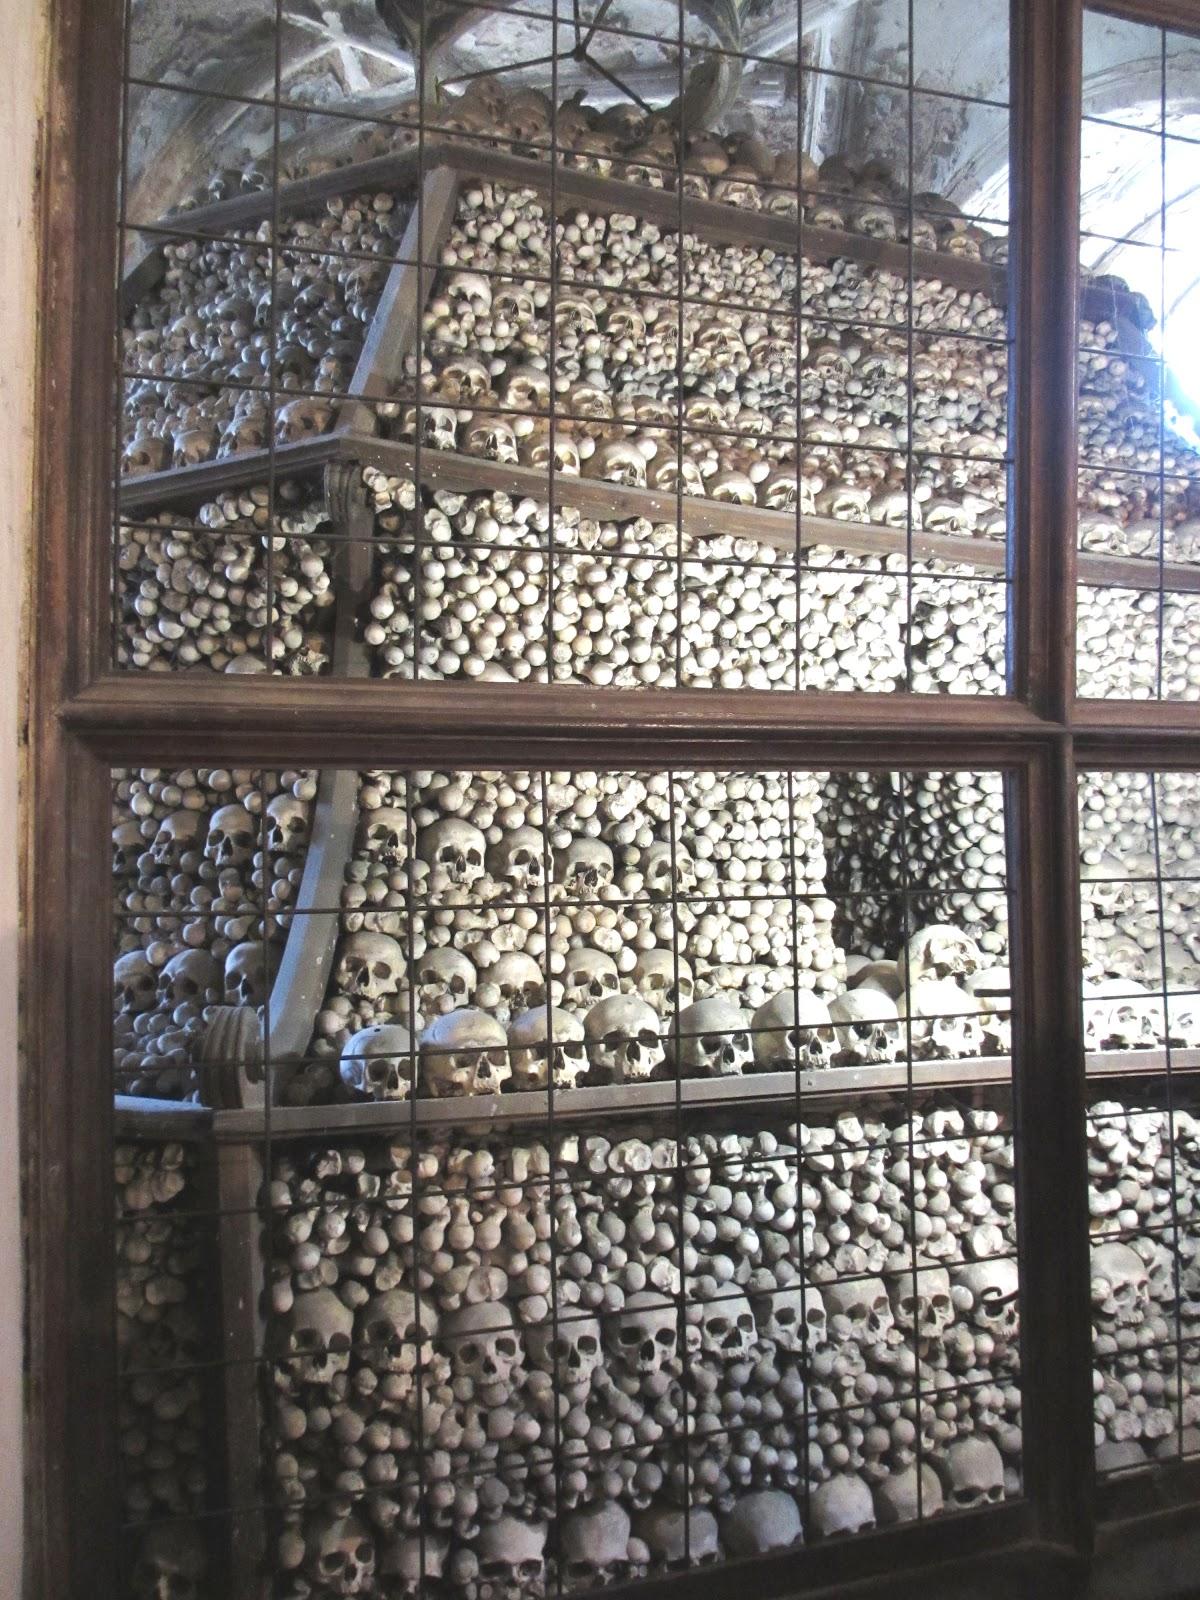 În spatele grilajului se află osemintele scoase din cimitirul bisericii